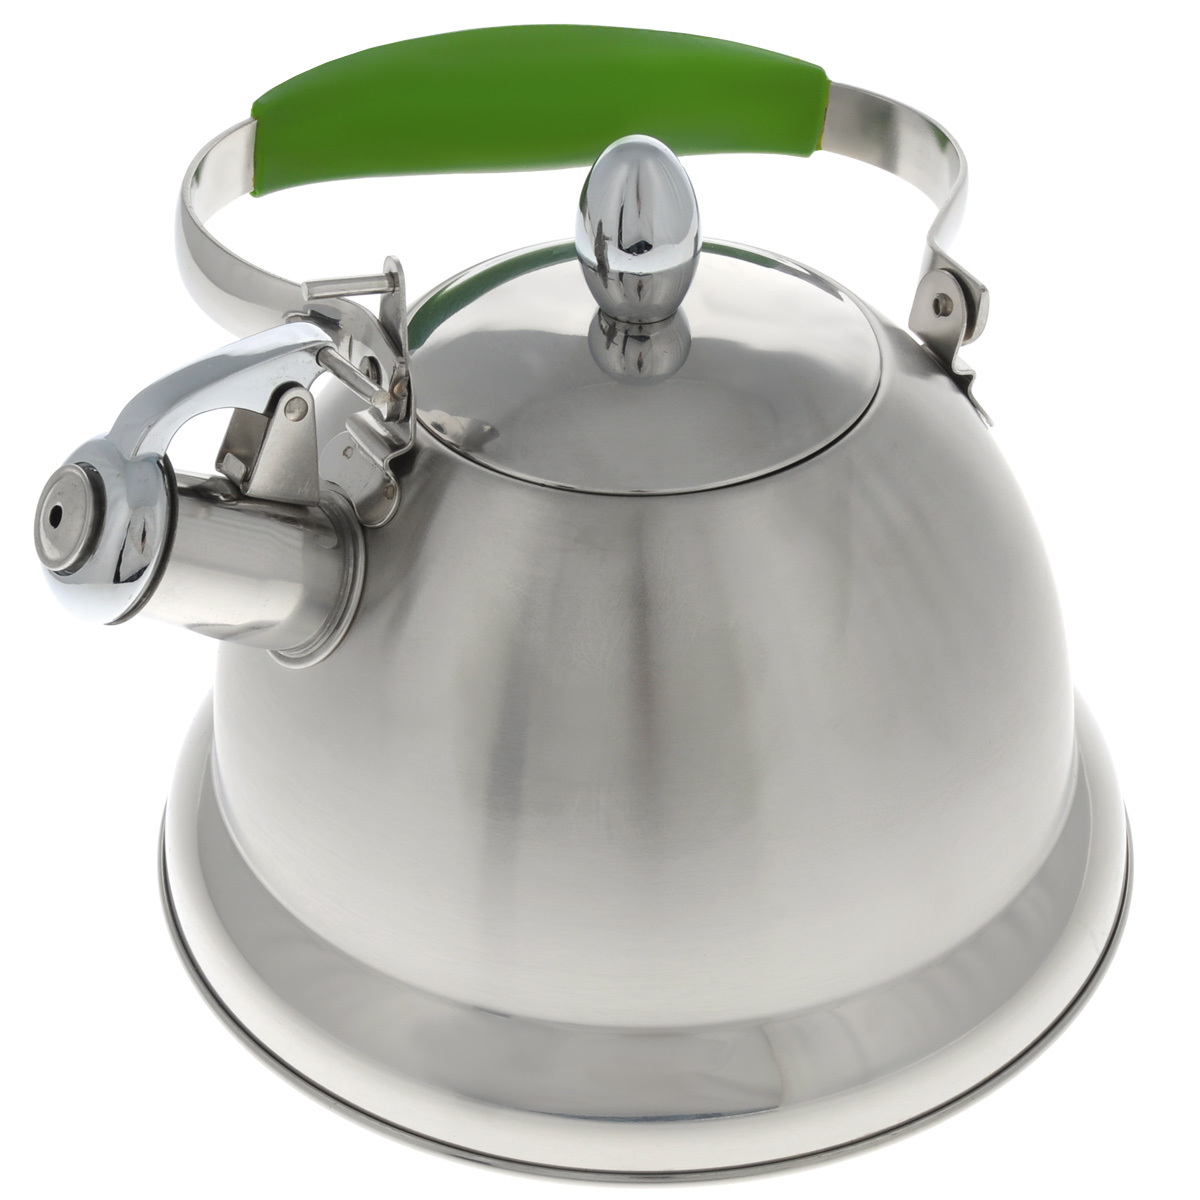 Чайник Mayer & Boch, со свистком, цвет: салатовый, стальной, 3 л. 2320623206_салатовый, стальнойЧайник Mayer & Boch выполнен из высококачественной нержавеющей стали, что обеспечивает долговечность использования. Сочетание матовой и глянцевой поверхности придает посуде эстетичный внешний вид. Ручка оснащена силиконовой вставкой для предотвращения ожогов на руках. Чайник снабжен свистком и устройством для открывания носика. Можно мыть в посудомоечной машине. Пригоден для газовой, электрической, стеклокерамической, галогеновой плиты.Диаметр (по верхнему краю): 10 см. Высота чайника (без учета крышки и ручки): 14 см.Диаметр основания: 22 см.